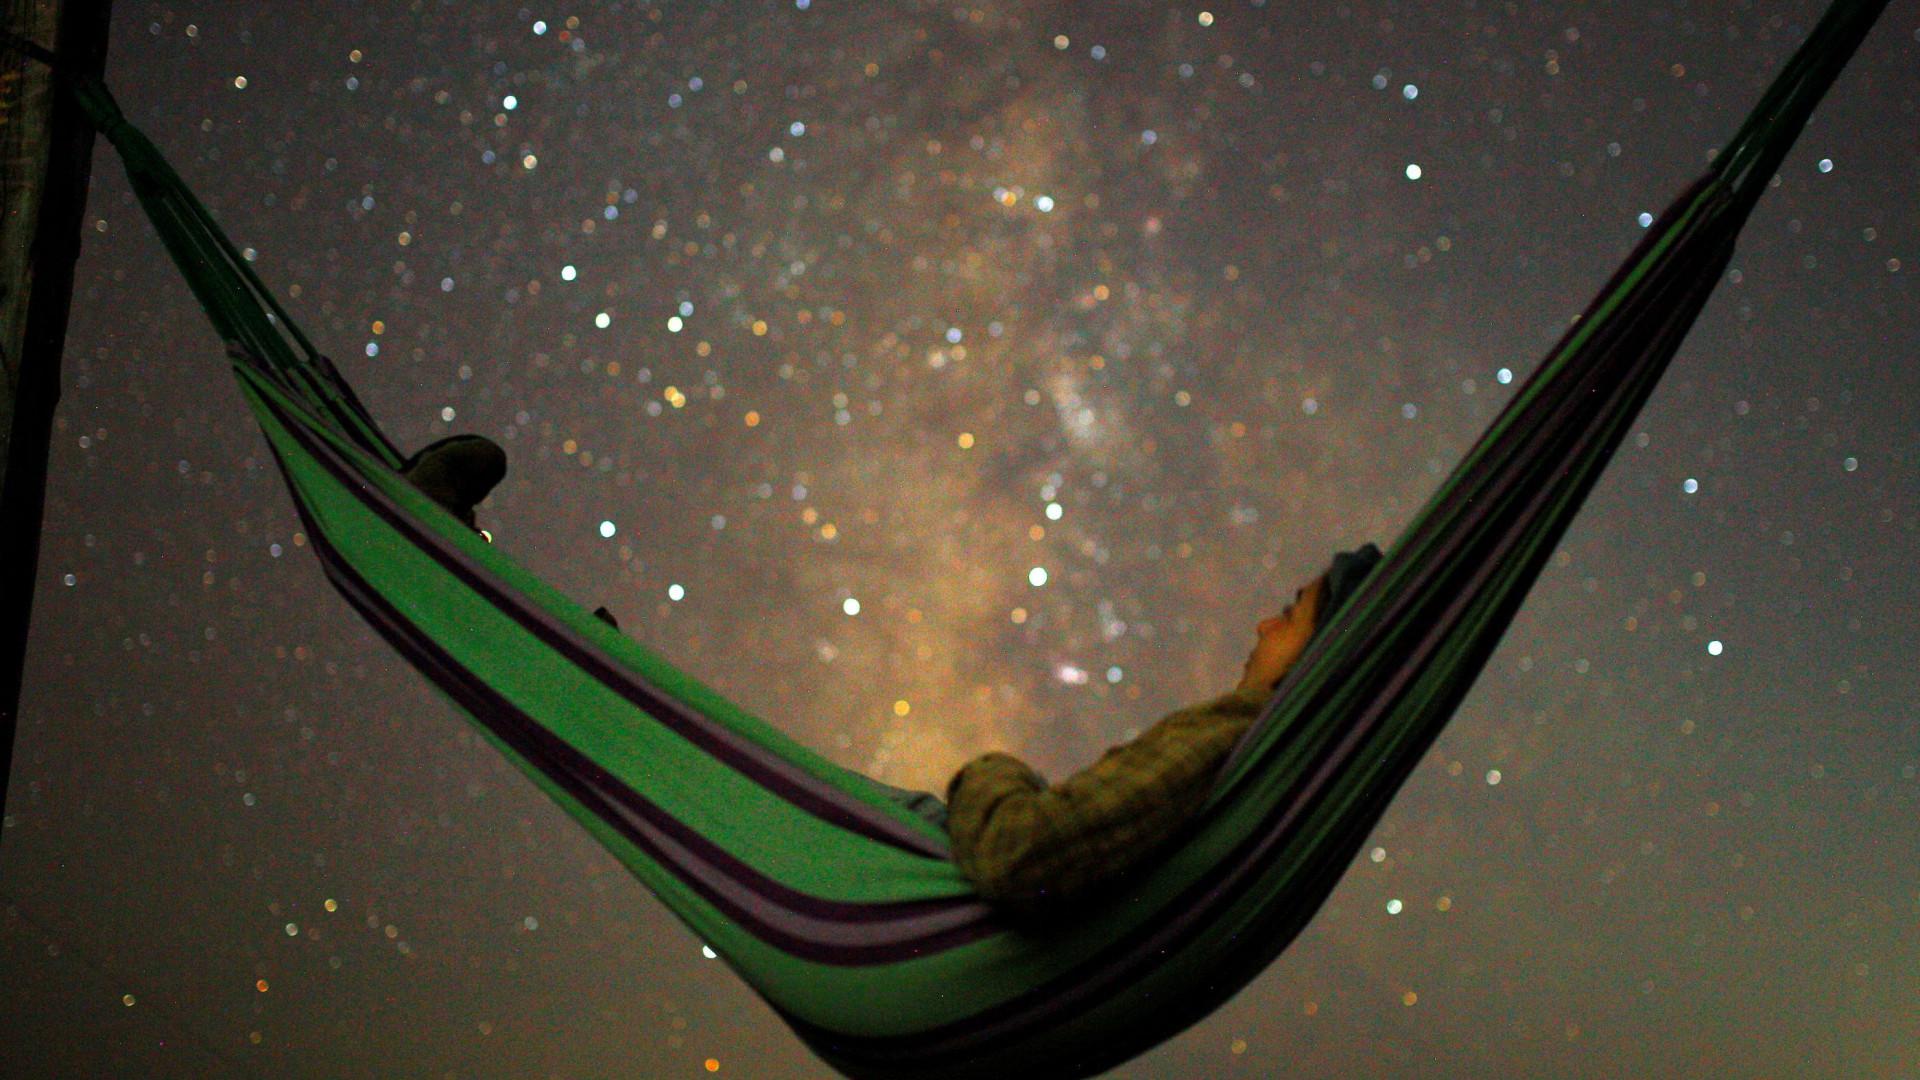 A beleza da última chuva de meteoros captada em fotografias